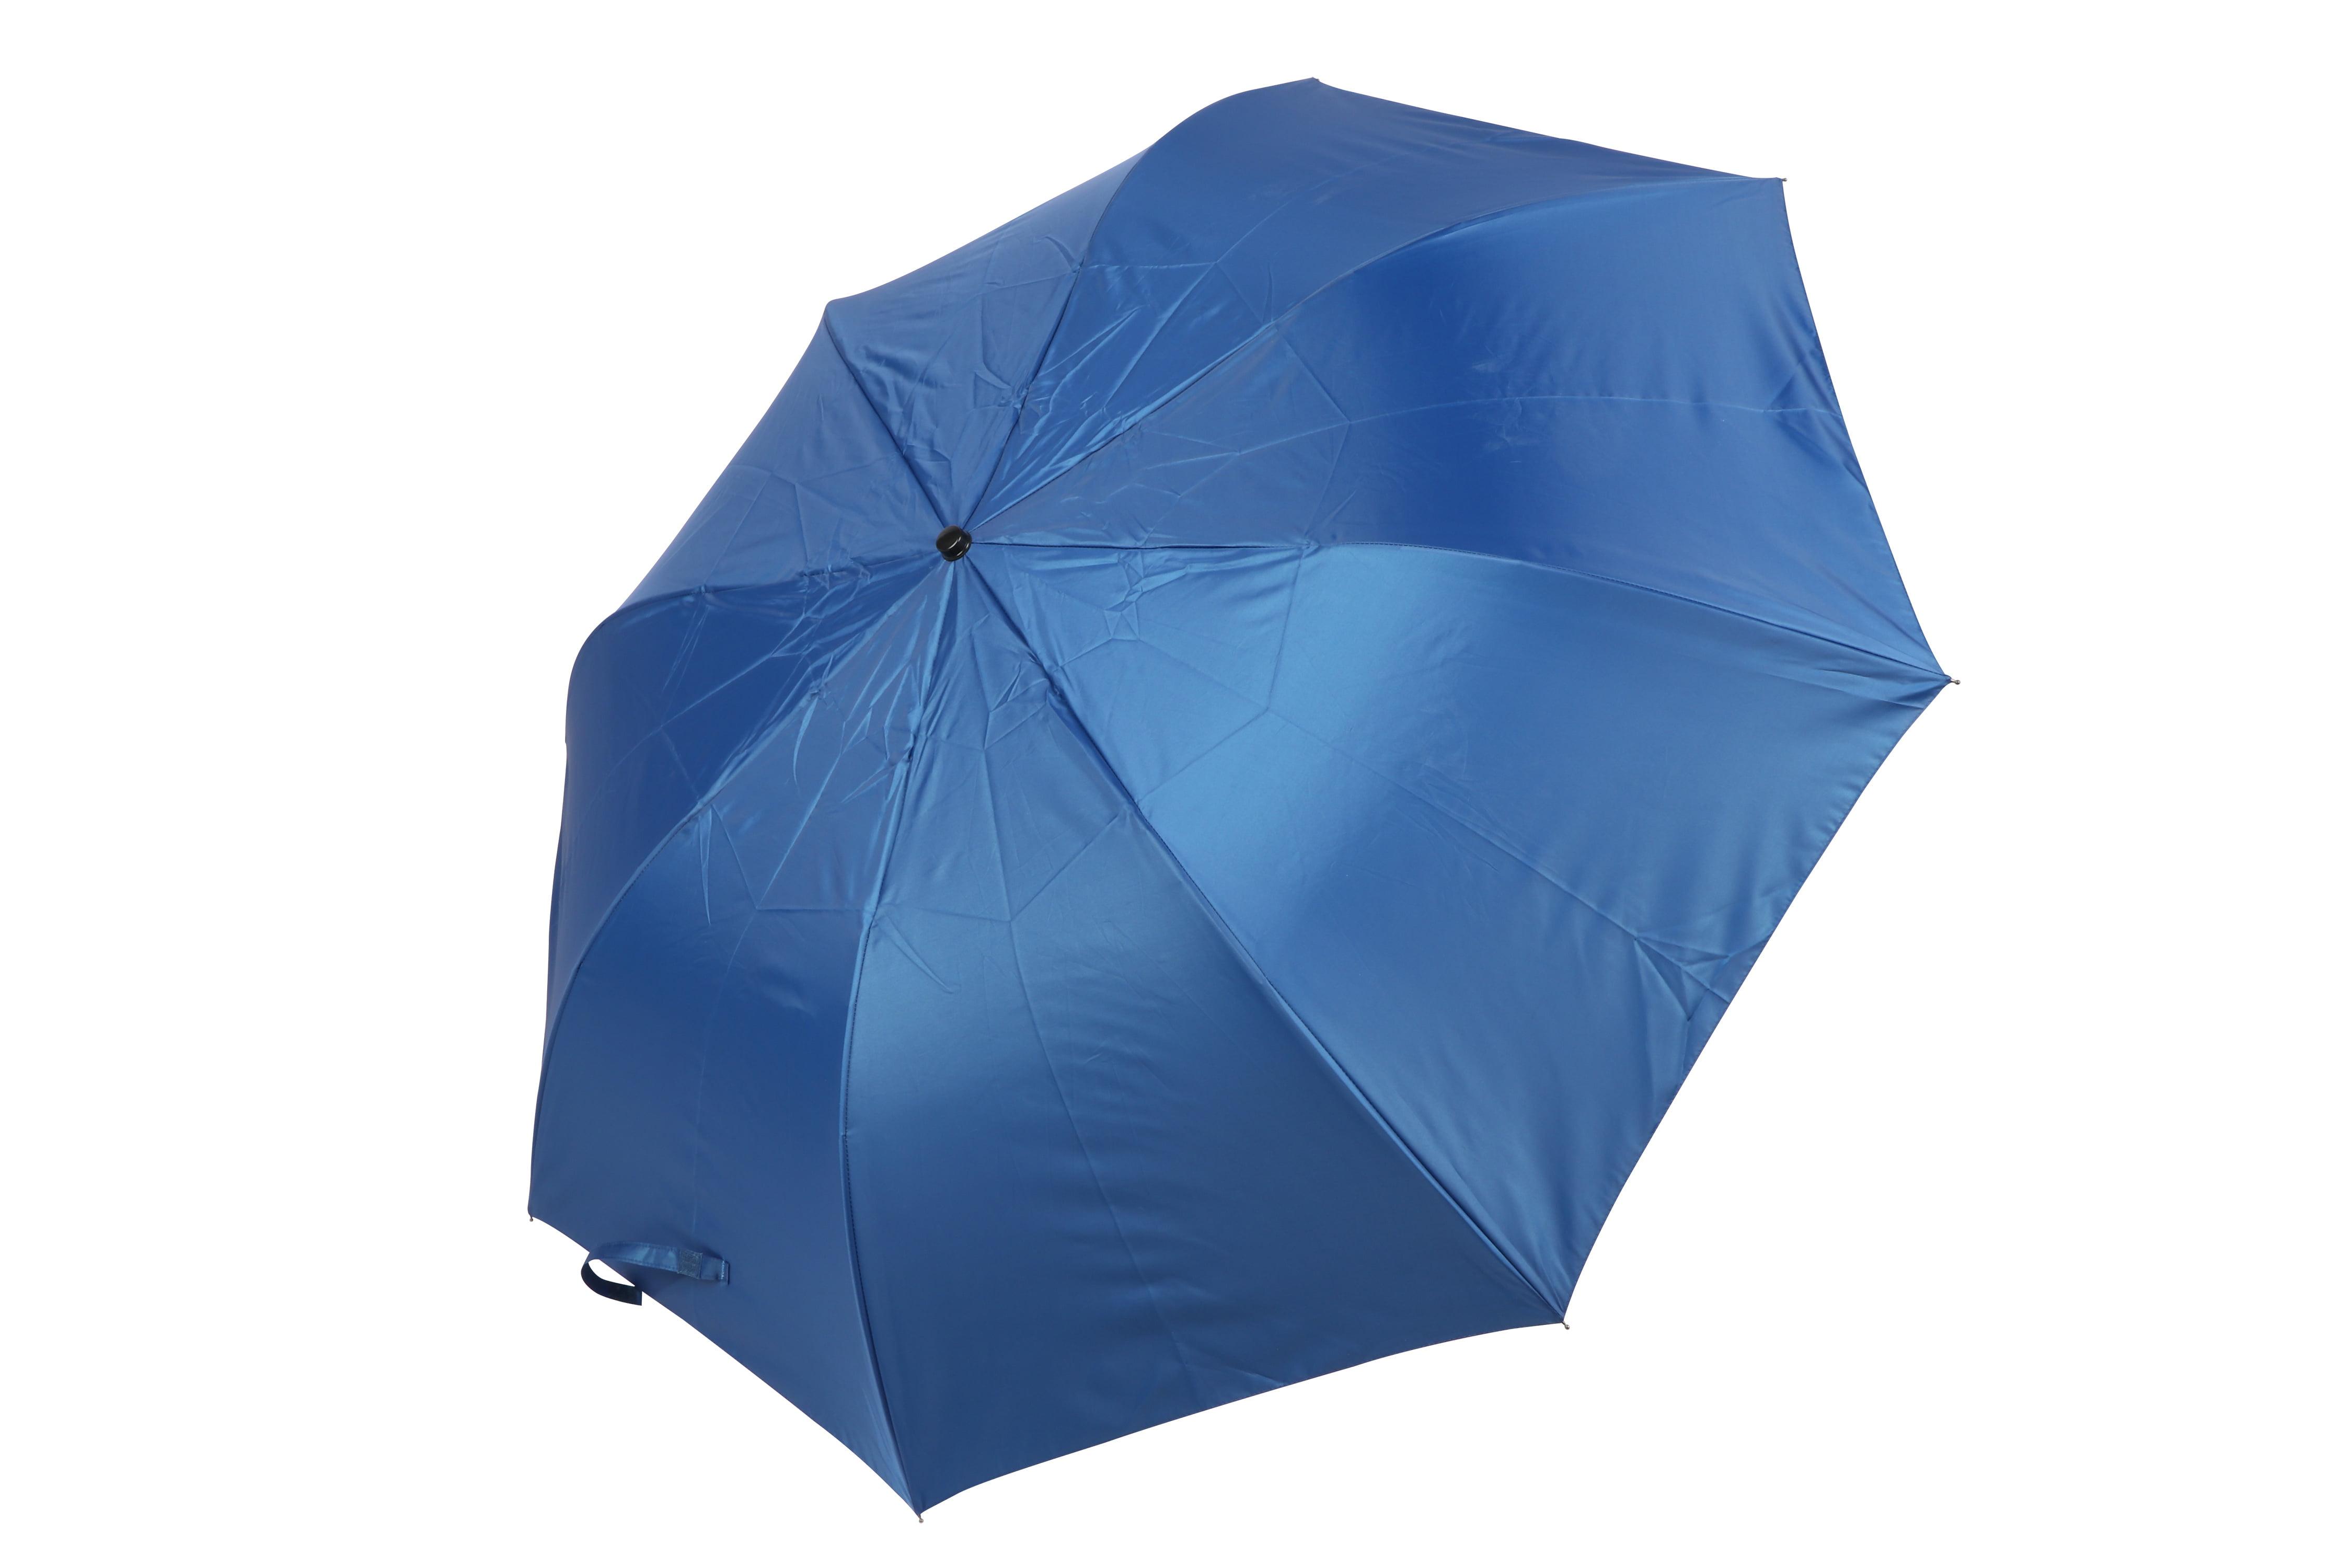 Ozark Trail Chair Umbrella Assortment Walmart Com